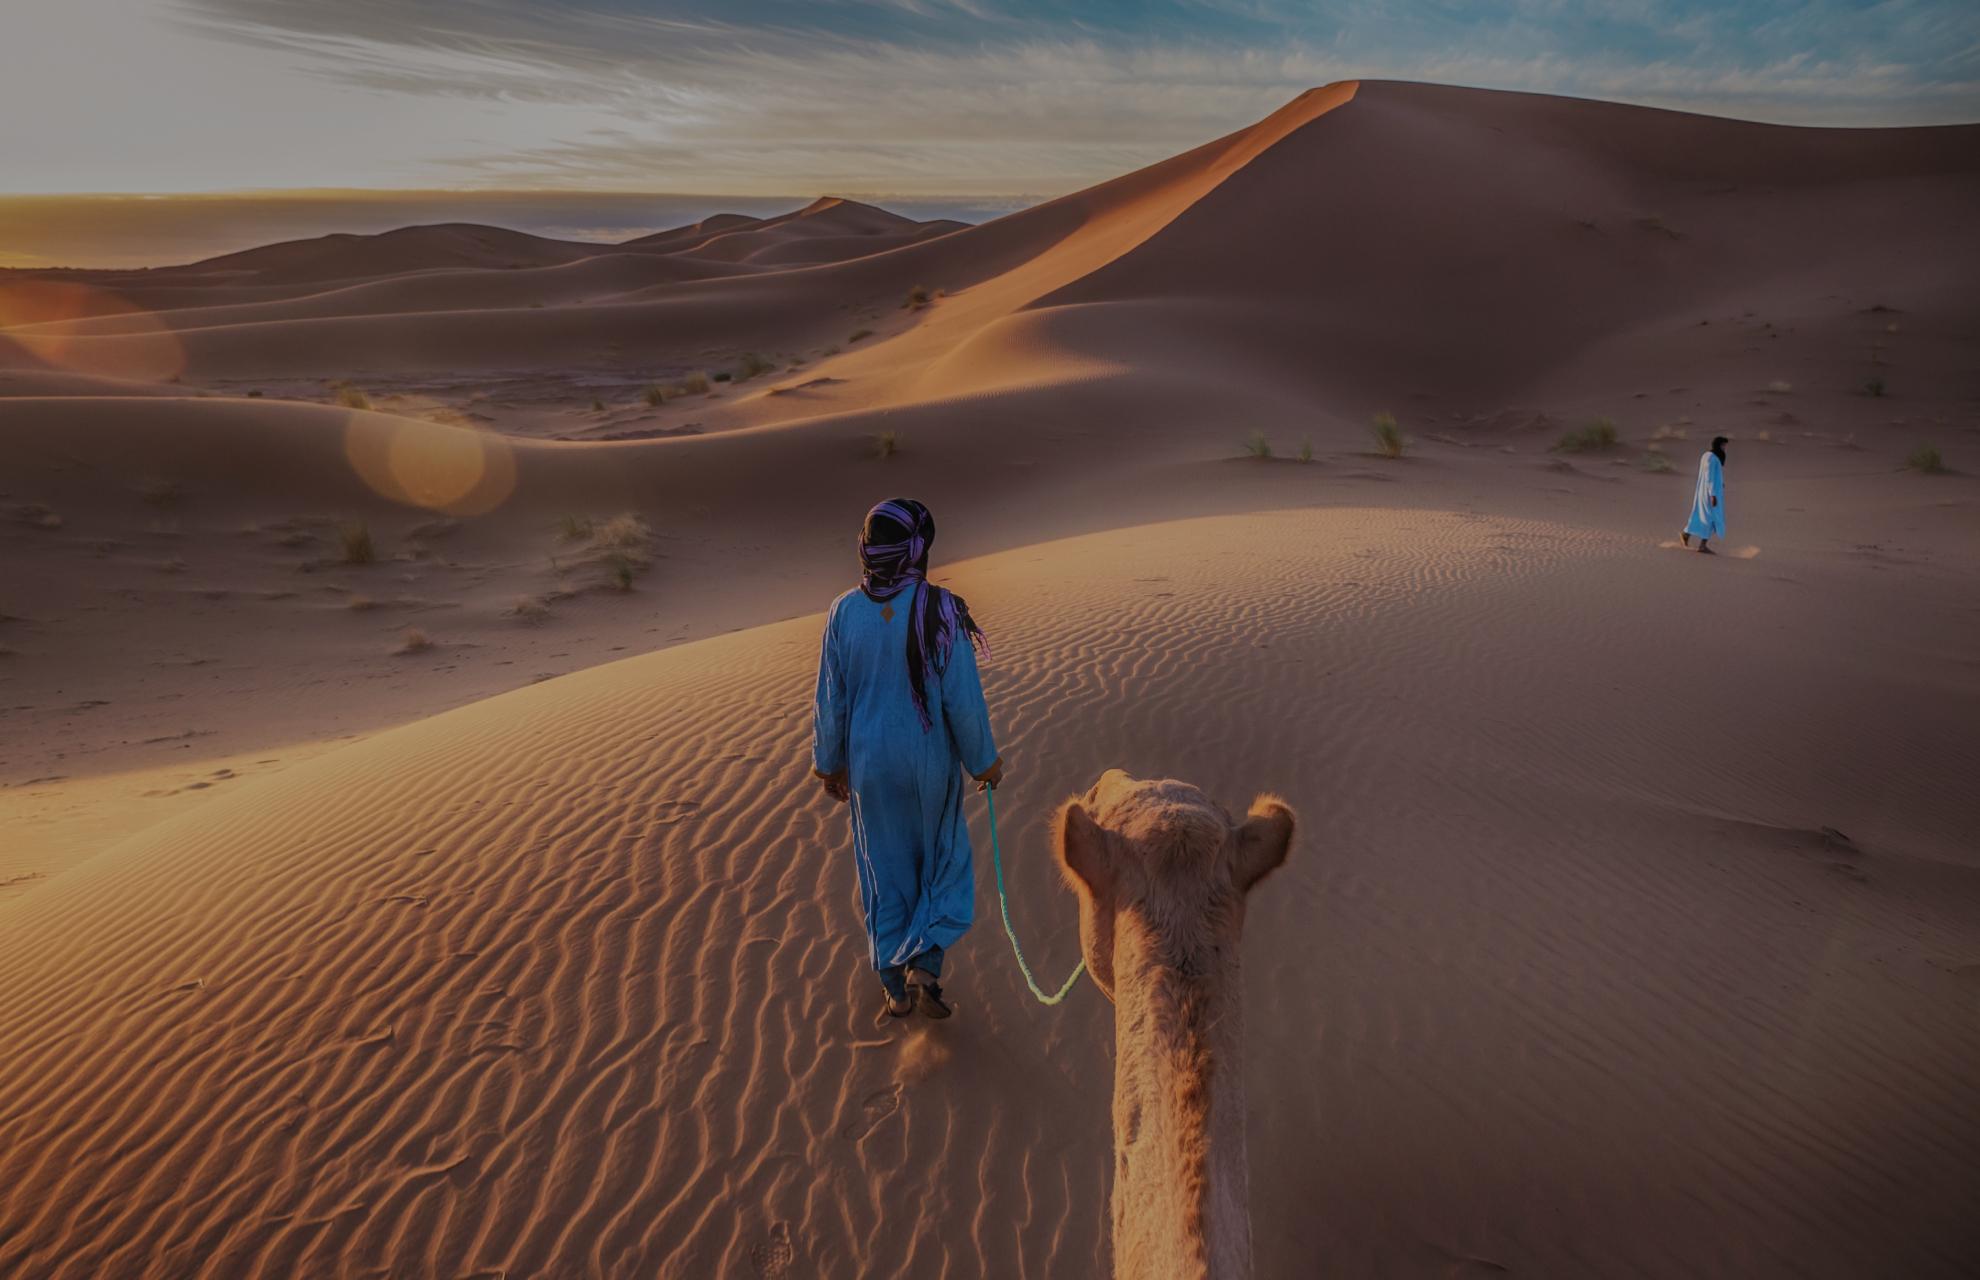 Um Al Quwain United Arab Emirates